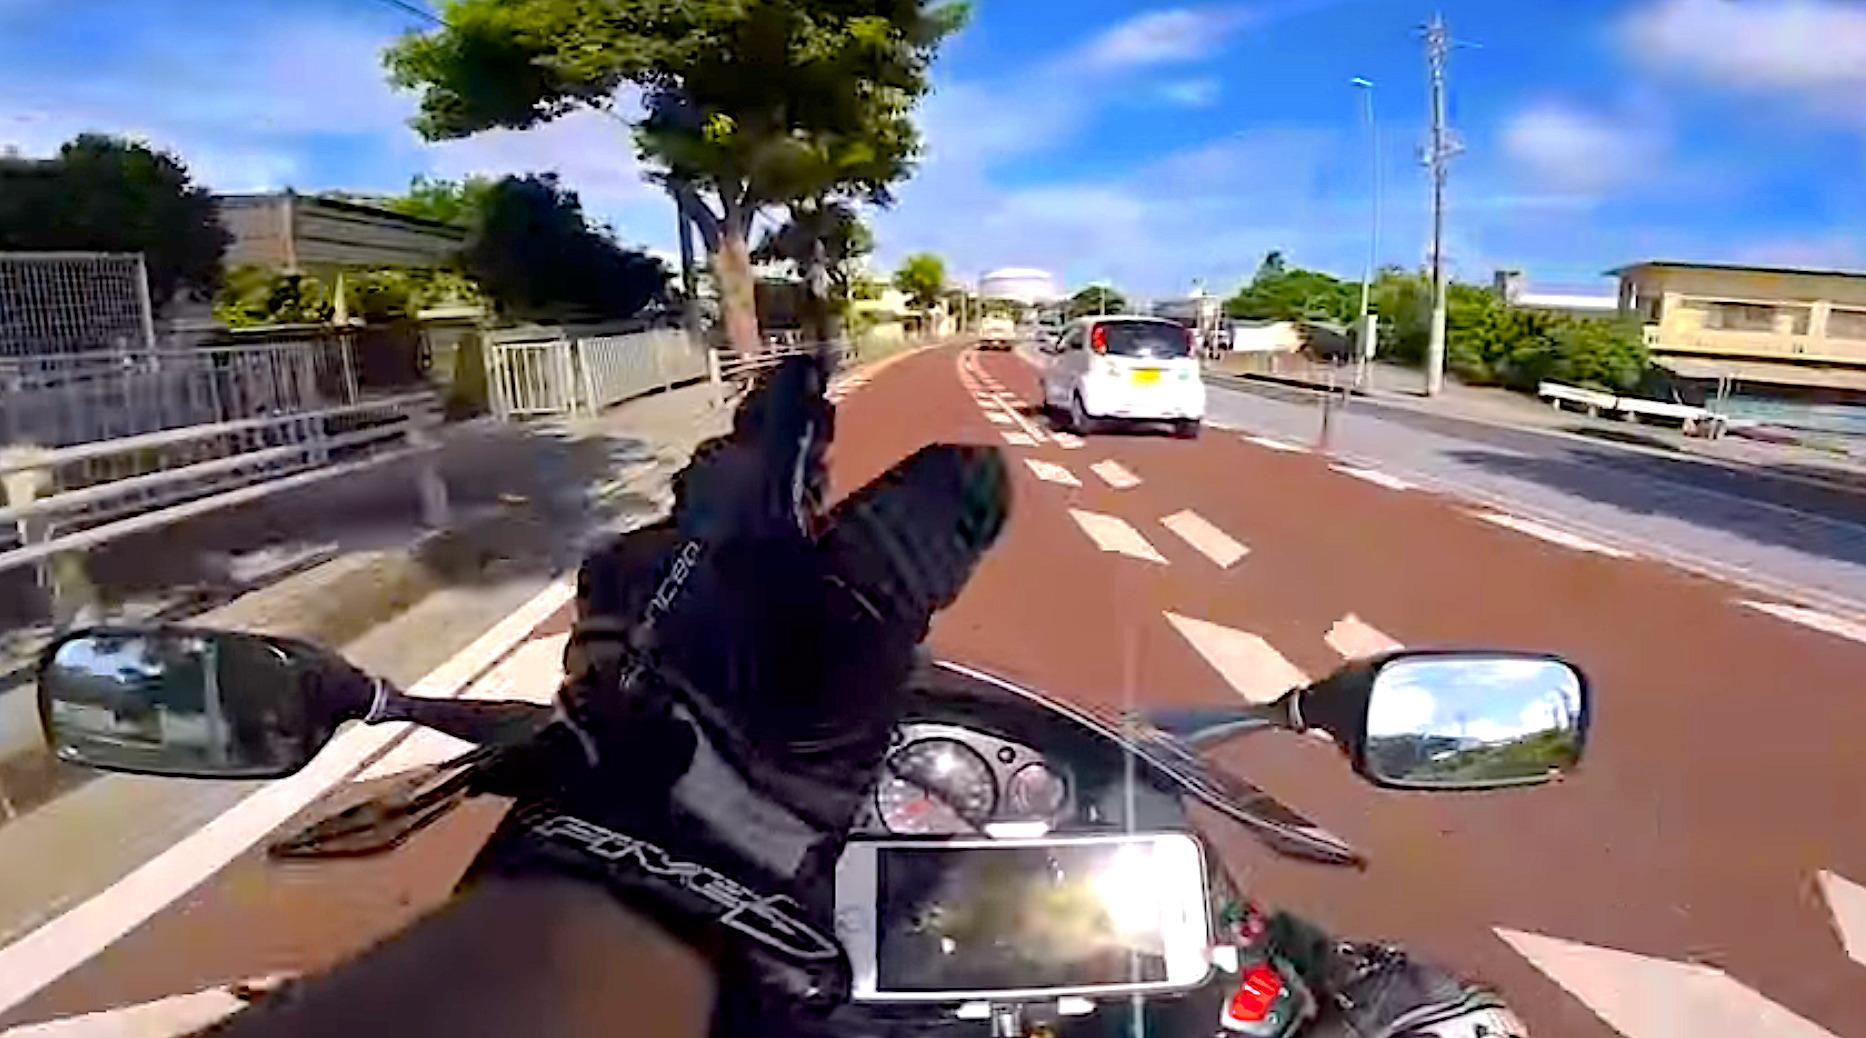 沖縄でのバイク走行について